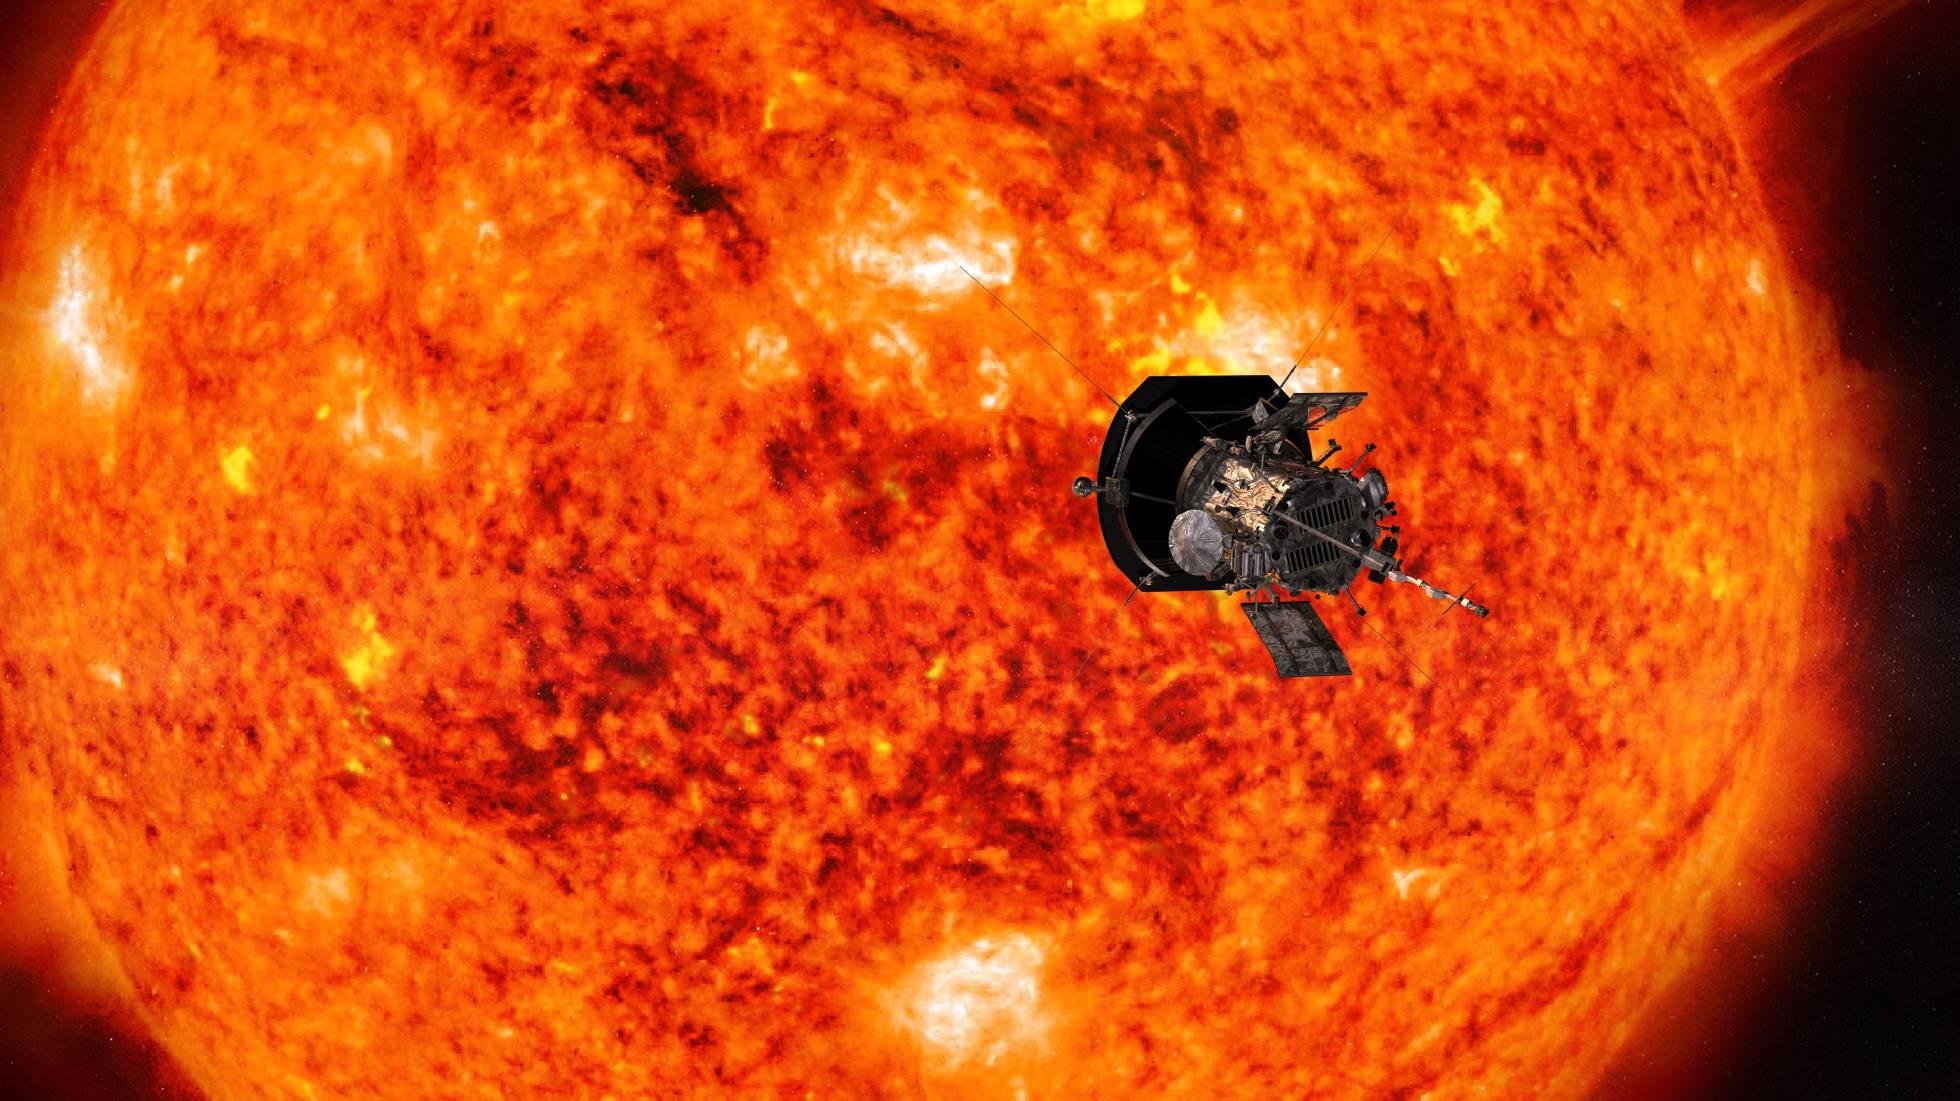 UNA NAVE ENTRA POR PRIMERA VEZ EN EL SOL.La sonda 'Parker' se zambulle en la atmósfera solar,en un ambiente a un millón de grados